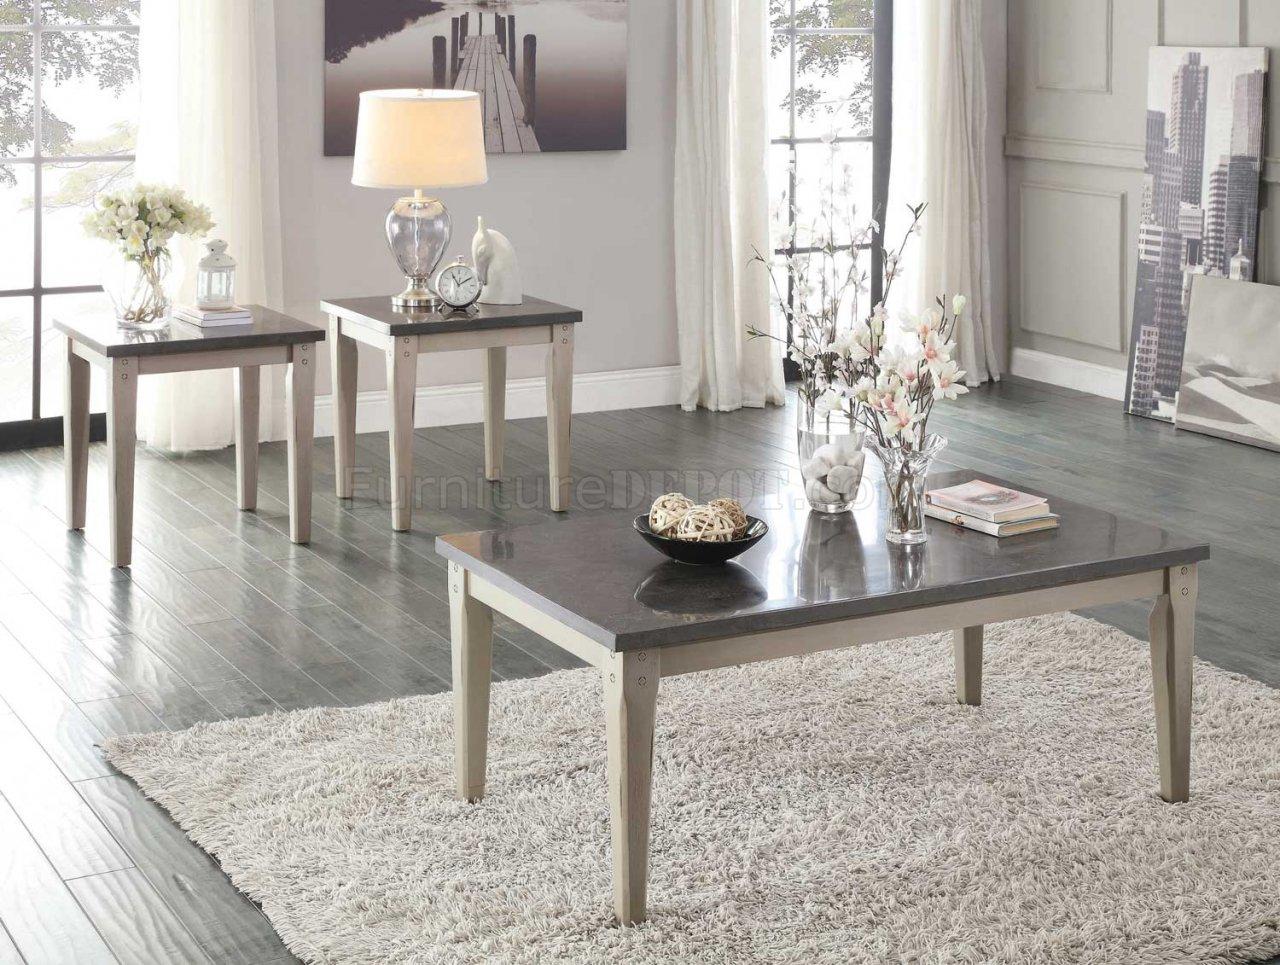 Mendel 5280 Coffee Table 3Pc Set In Grey By Homelegance